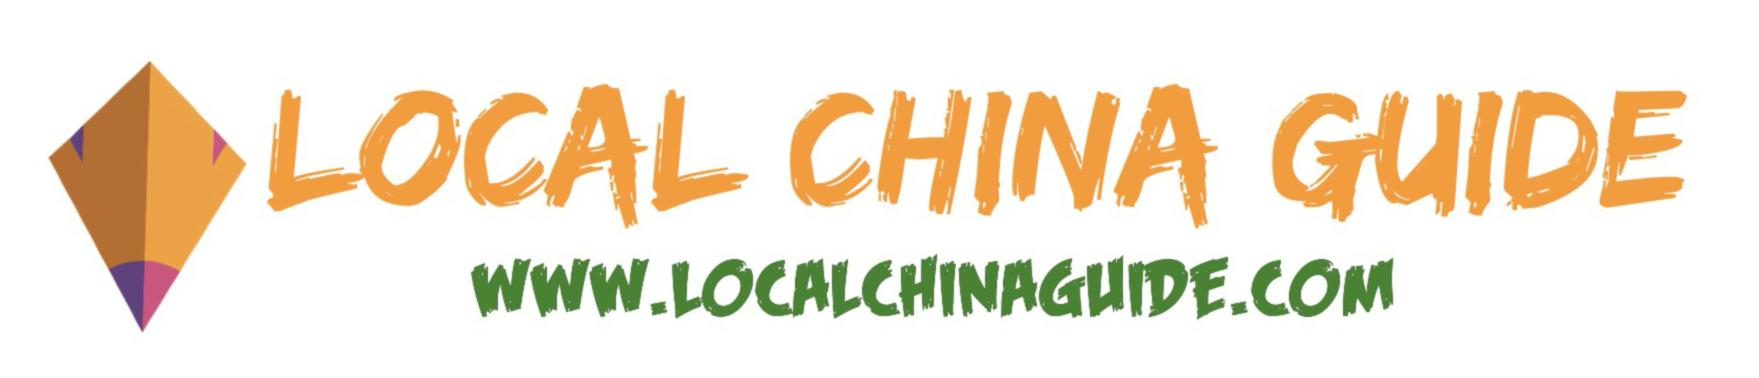 China Tibet Tours,Cars,Hotels,Guide | 2020/2021 Tibet Tour Car Rental,Lhasa Van,4WD,Tour Bus RentalService